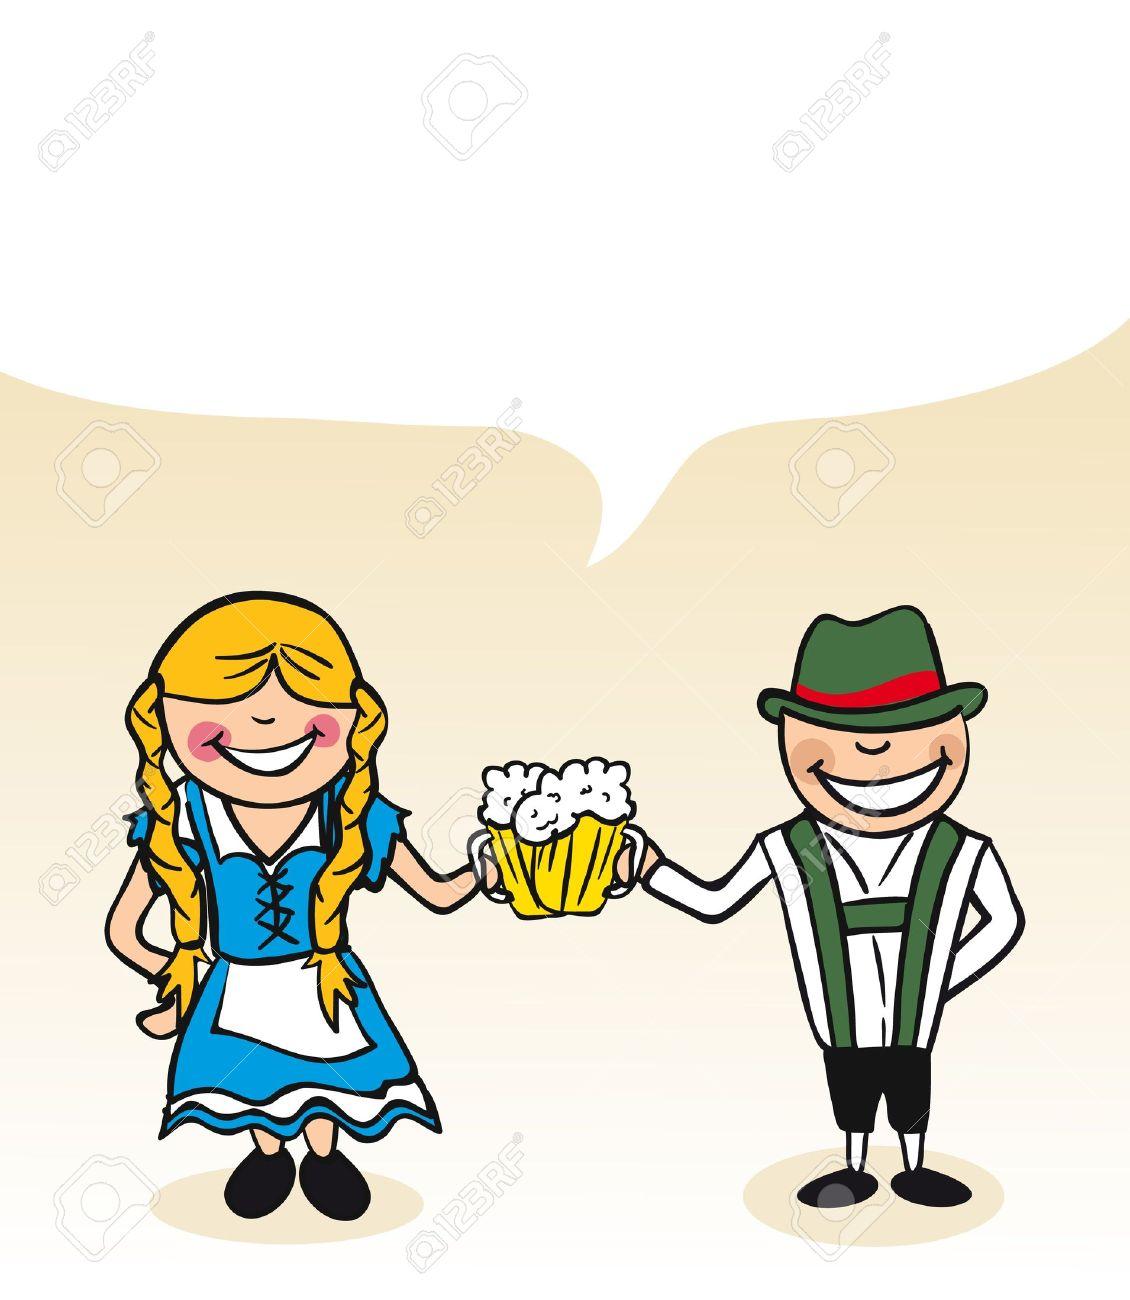 ドイツ人および女性漫画二人と対話バブル。ベクトル イラストの簡単な